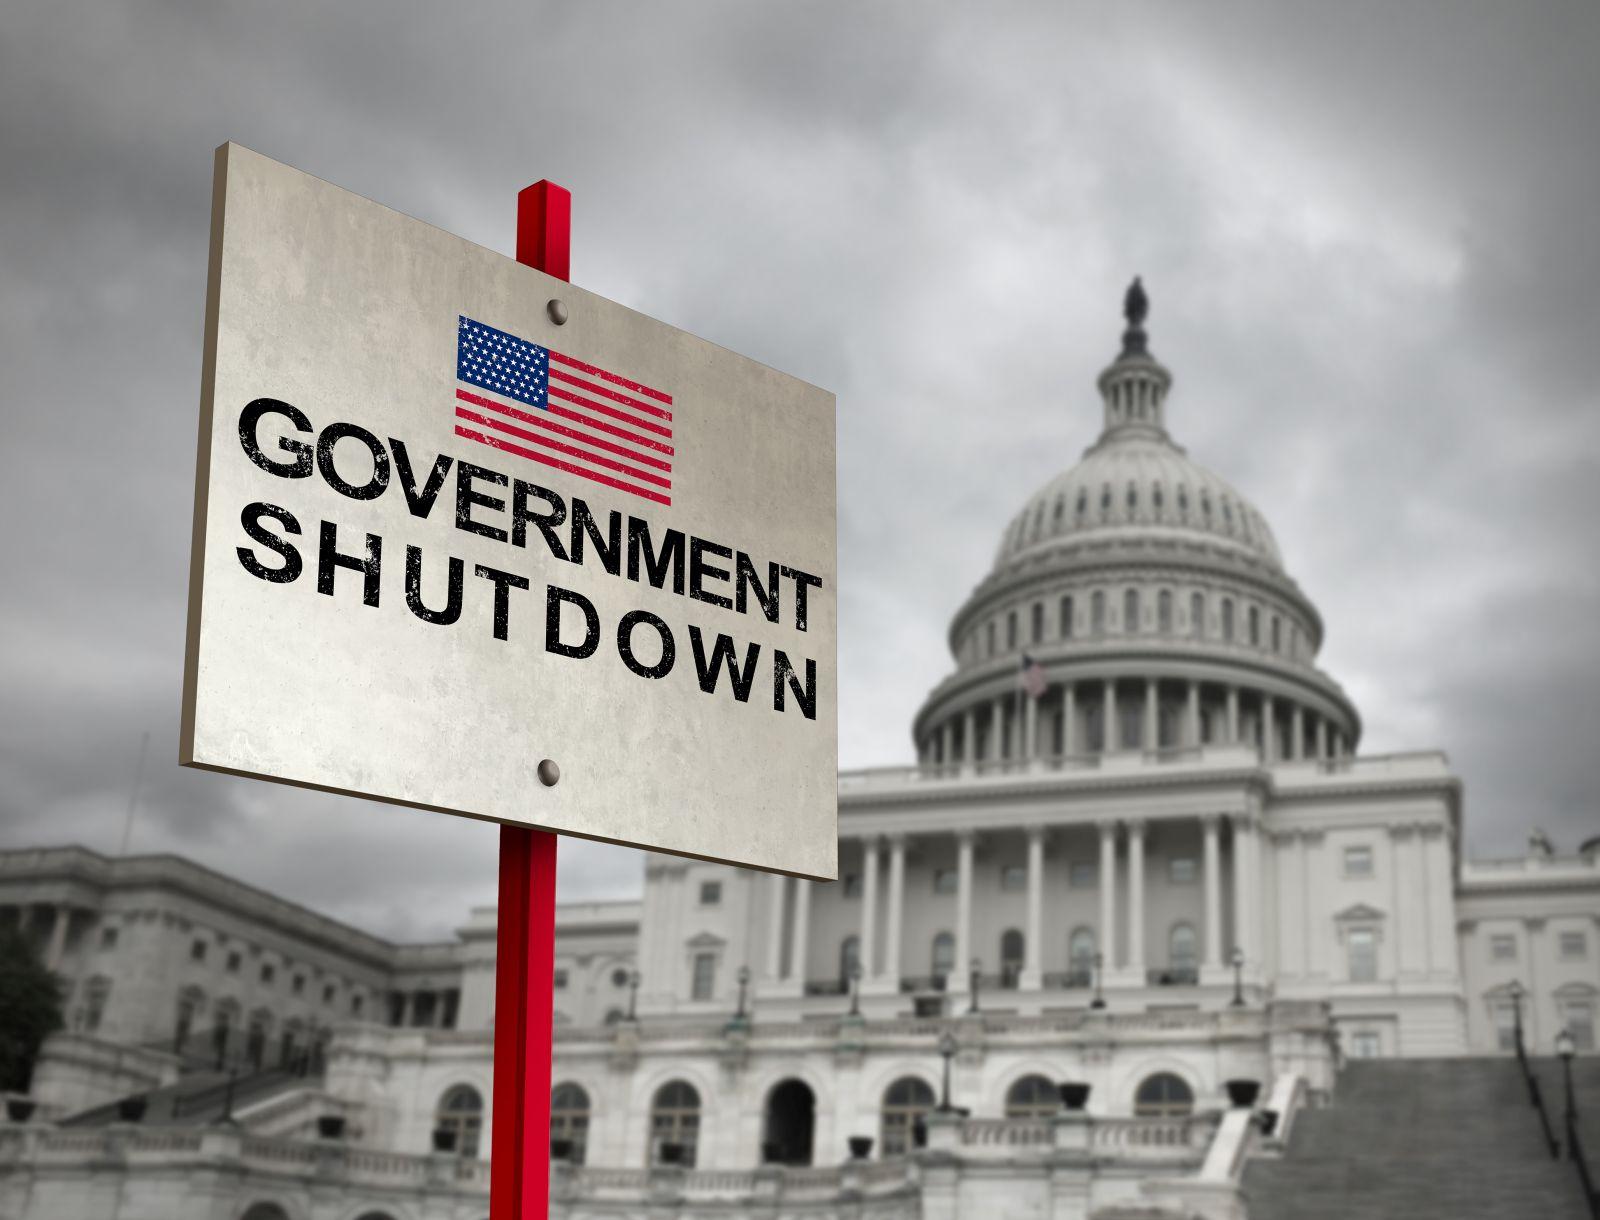 In den USA steht die Regierung seit dem 22. Dezember 2018 teilweise still. Das betrifft auch viele vom Staat betriebene Einrichtungen, wie zum Beispiel Nationalparks, Zoos und Museen.